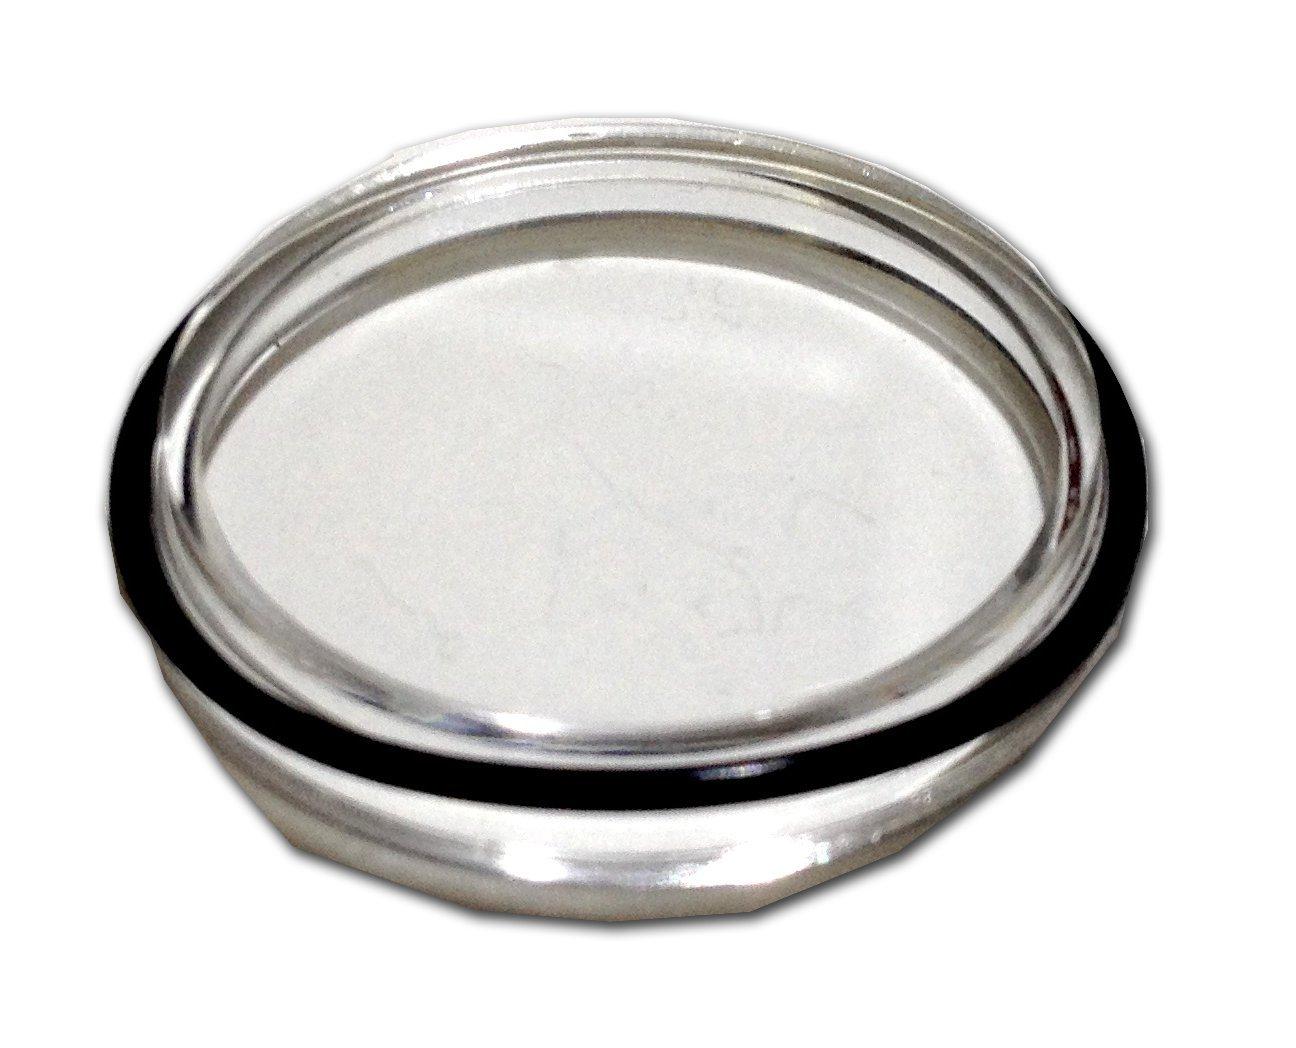 Contour Roam Replacement Clear Lens Cap by Contour